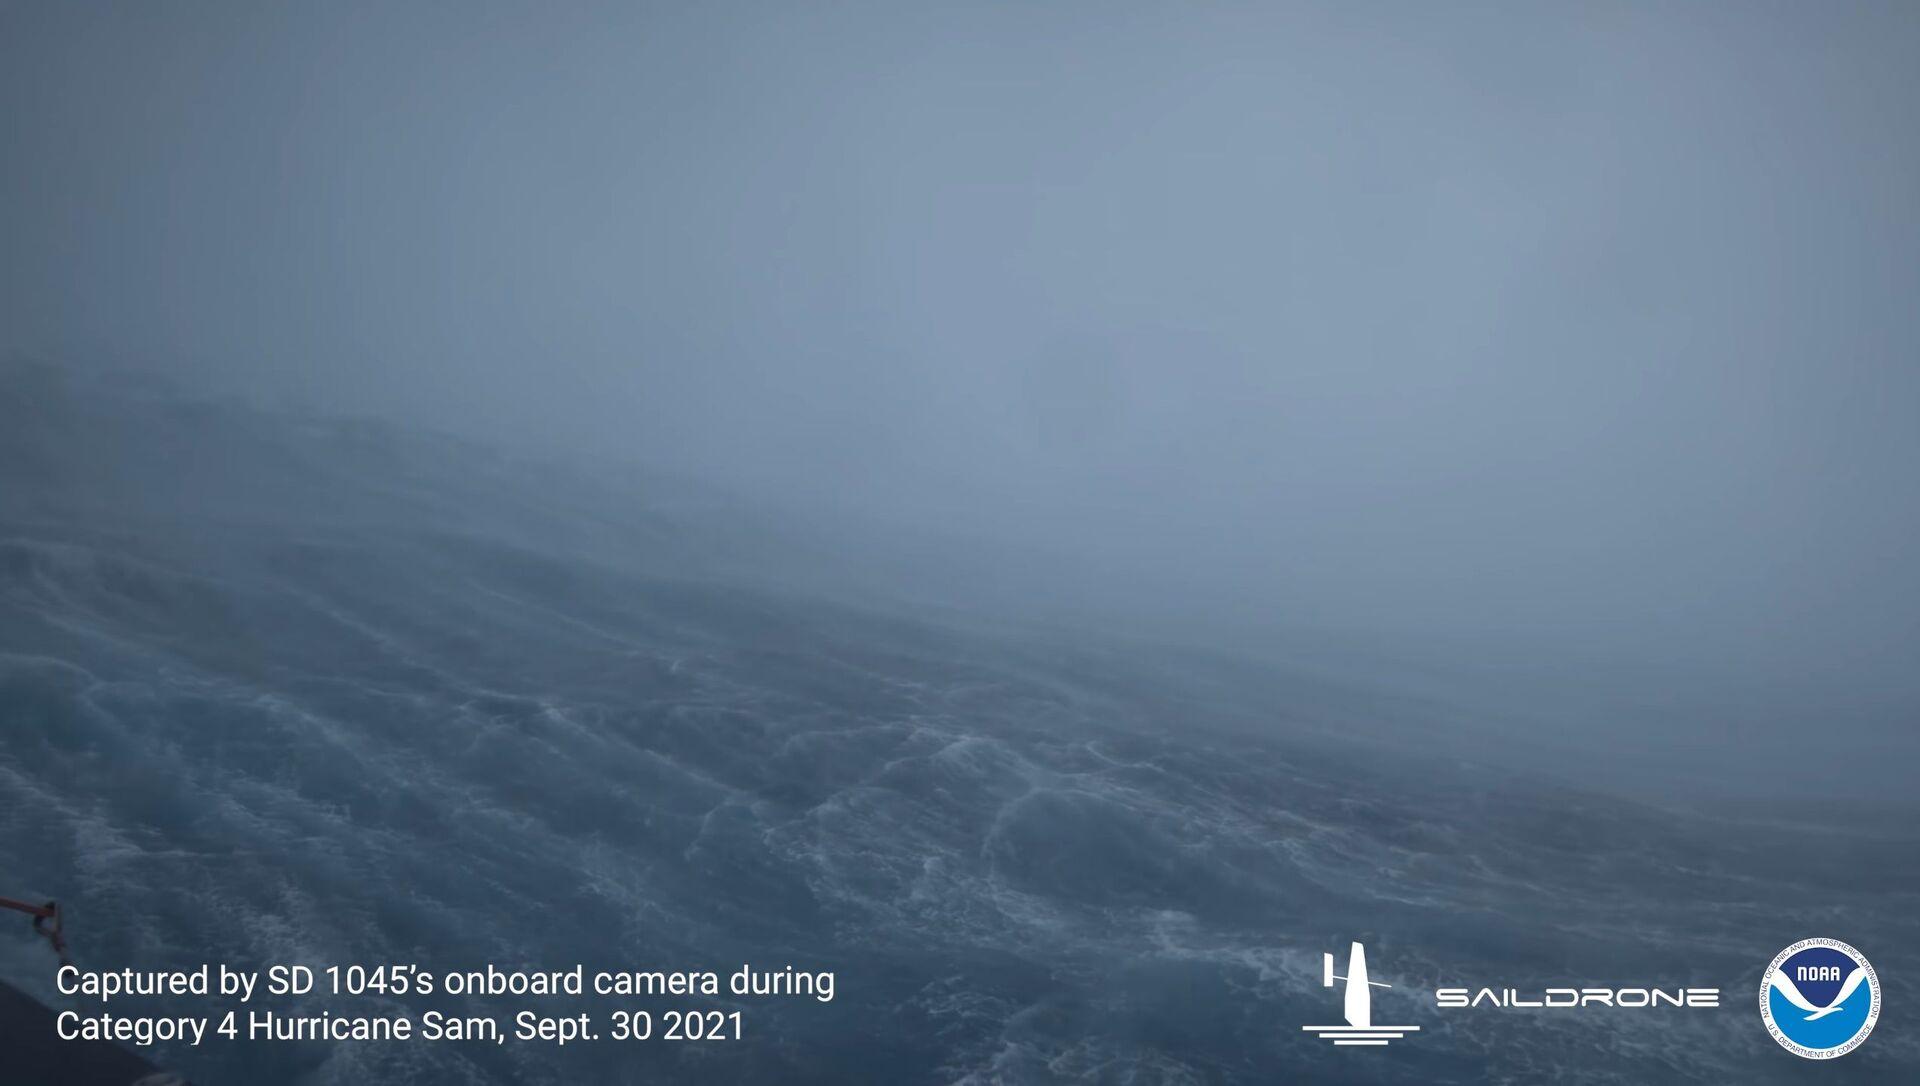 世界初 海洋ドローンがハリケーン内部の撮影に成功 - Sputnik 日本, 1920, 06.10.2021